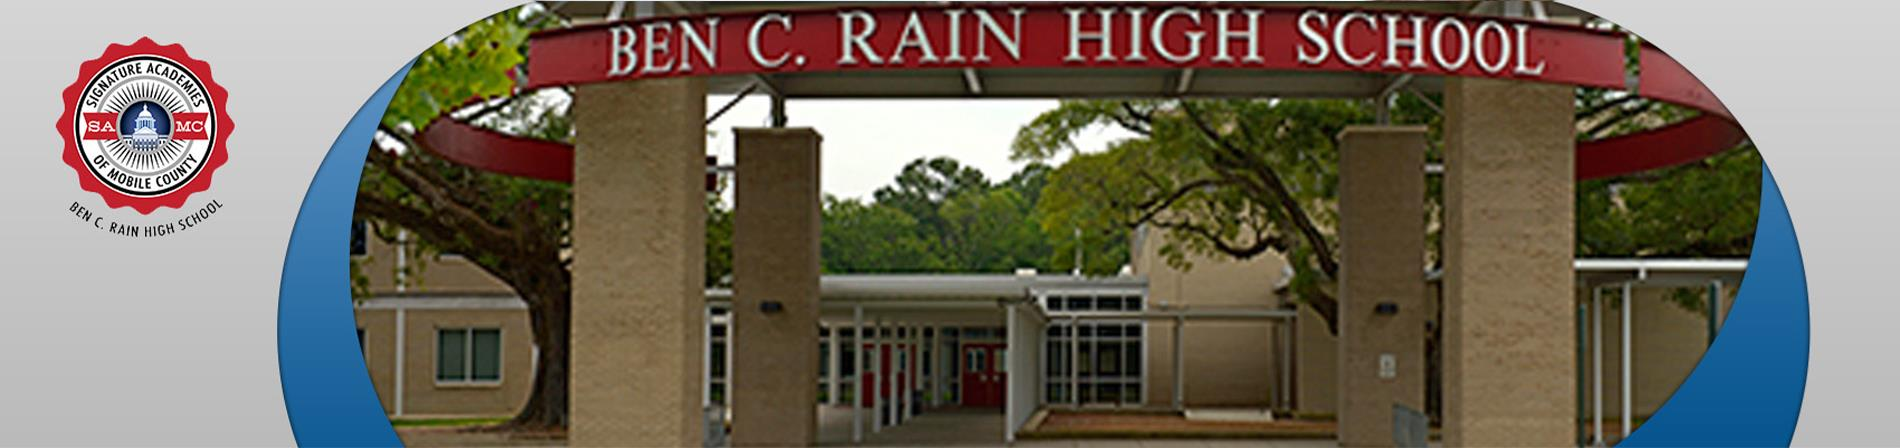 B.C. Rain